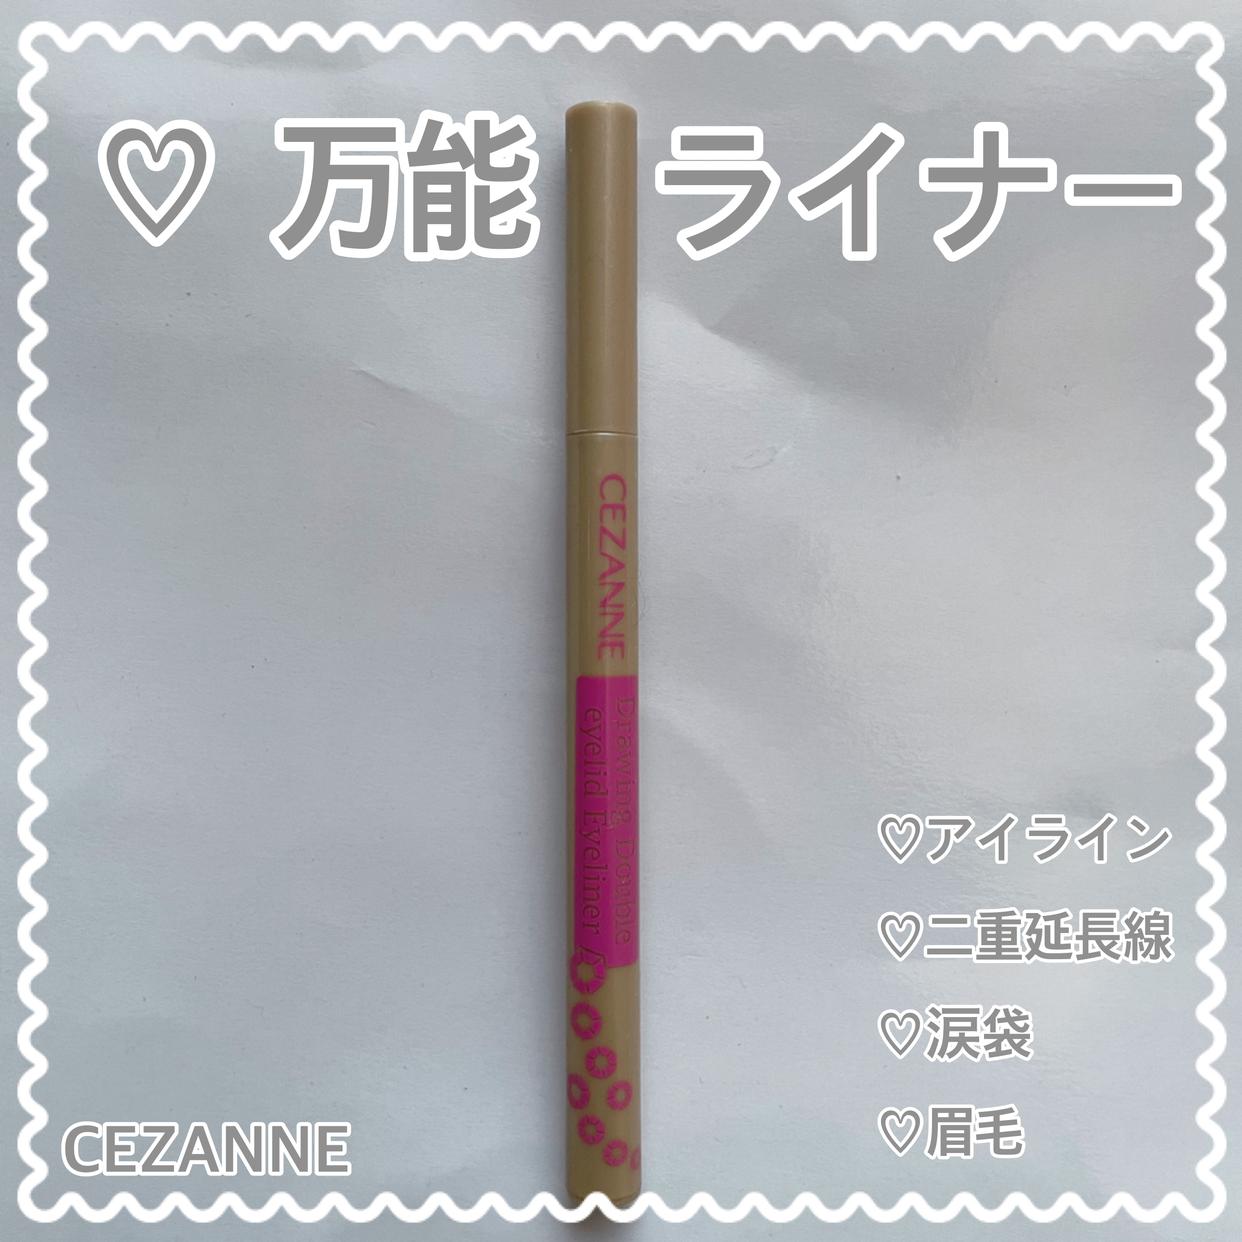 CEZANNE(セザンヌ) 描くふたえアイライナーを使ったmoguさんのクチコミ画像